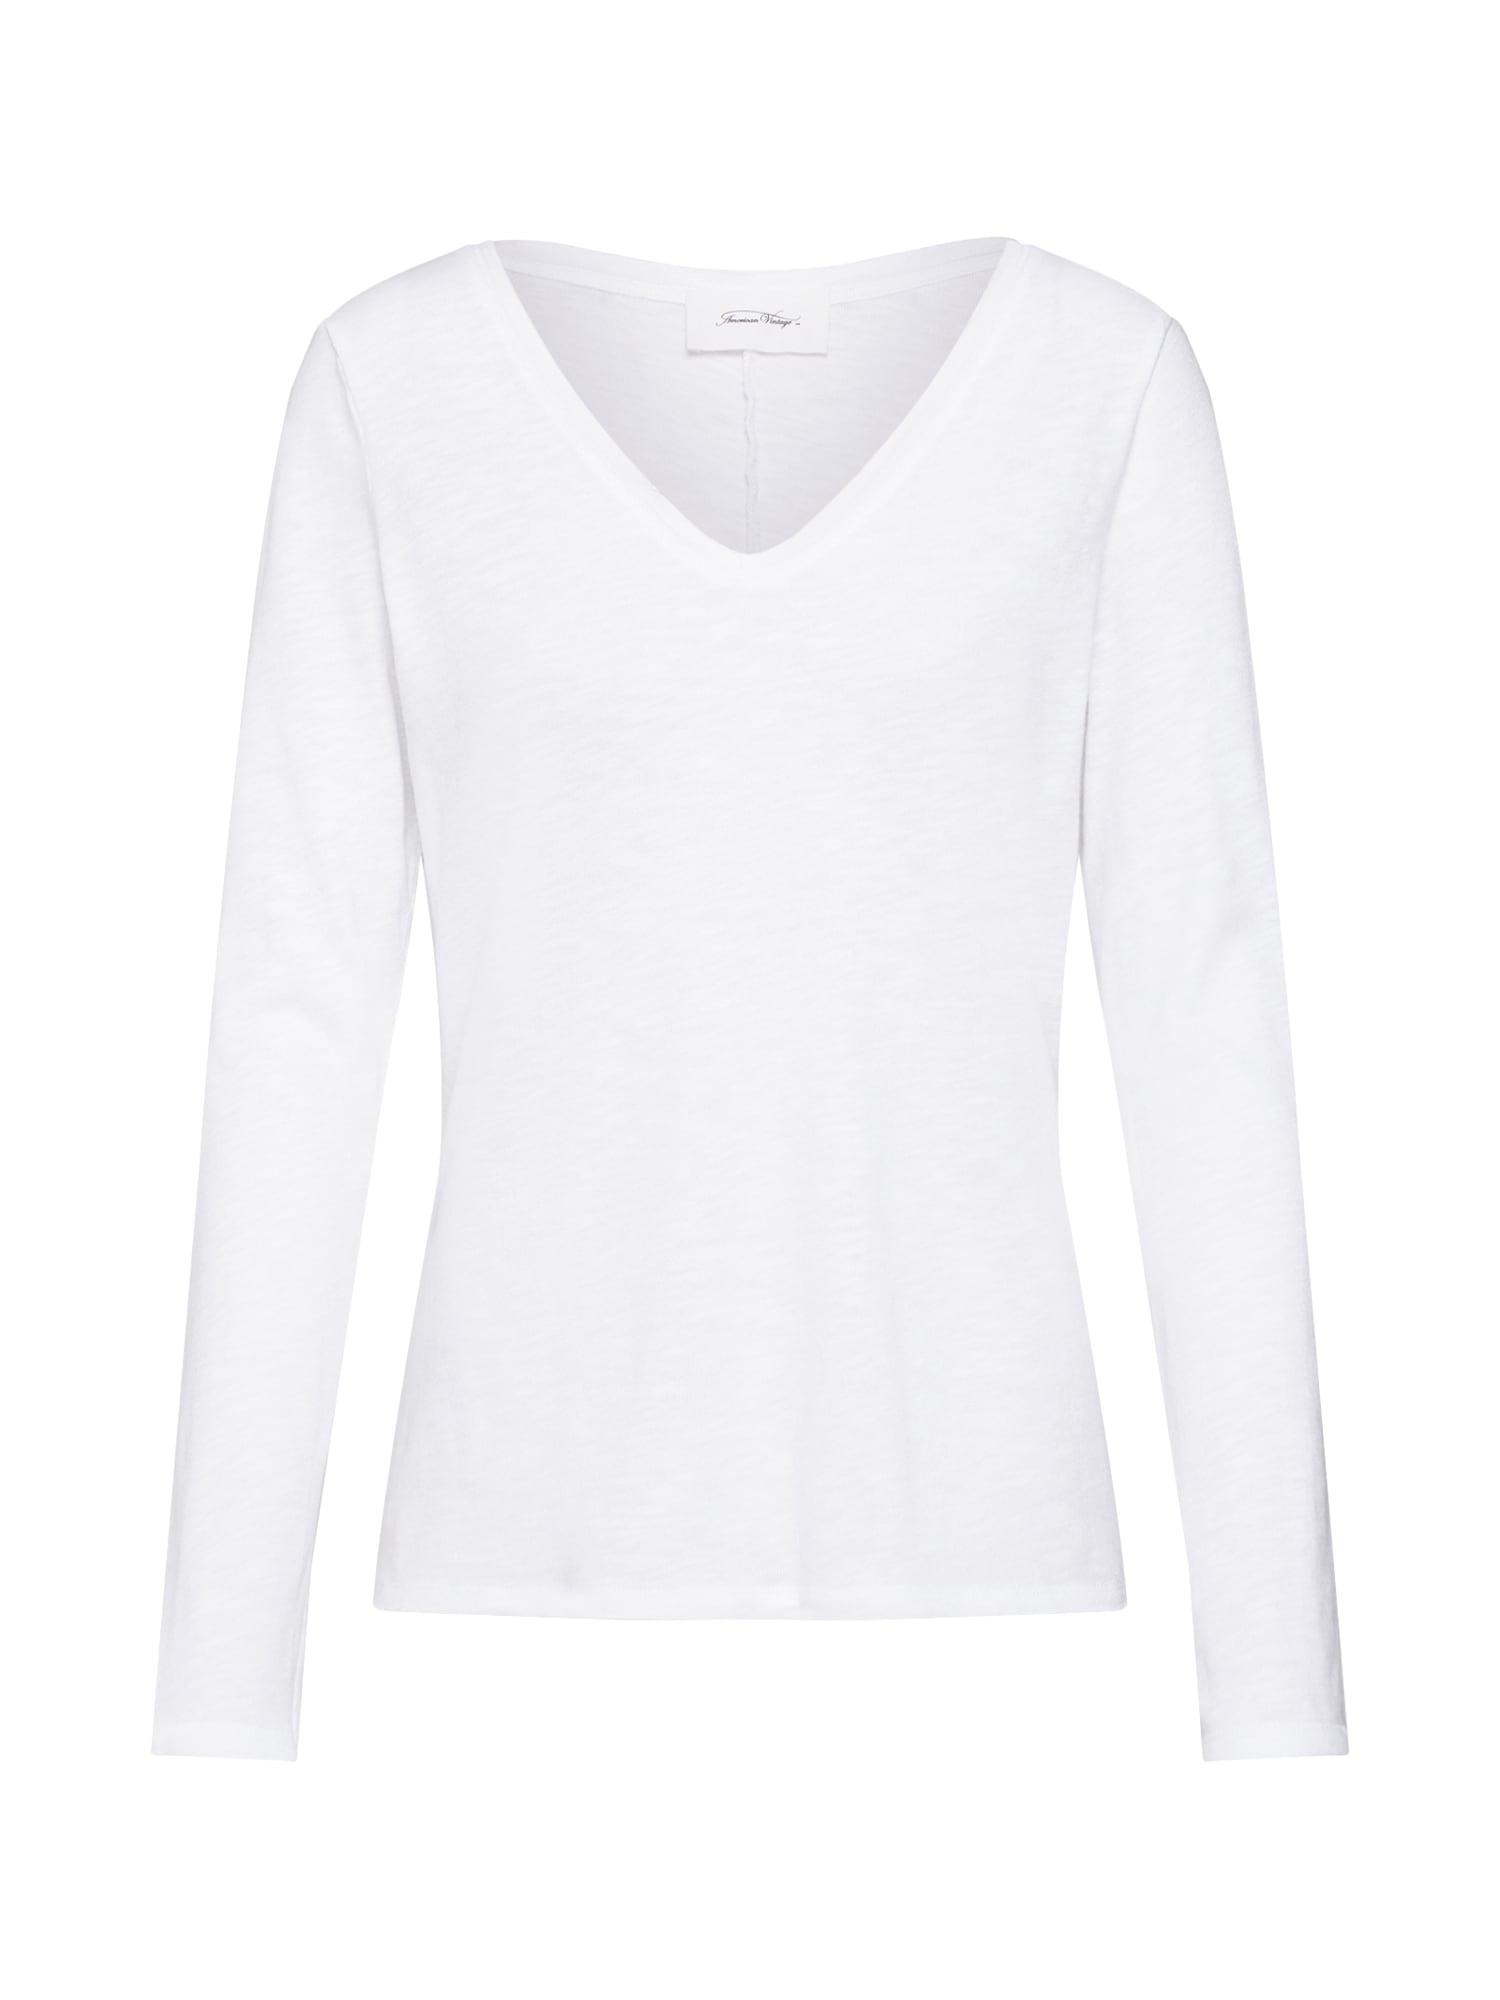 Tričko SONOMA bílá AMERICAN VINTAGE